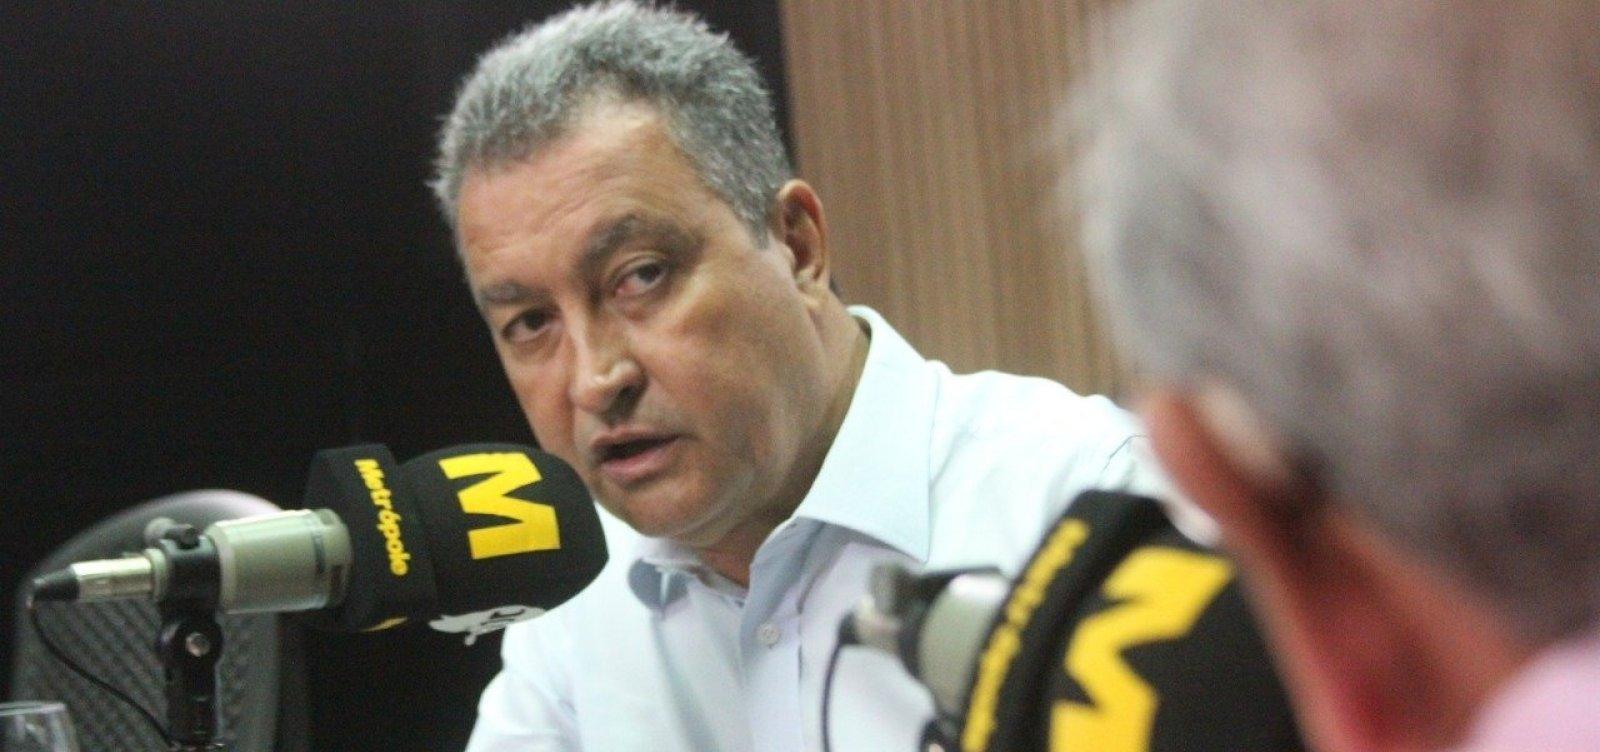 [Rui relata ter pedido a Dilma 'desapego' ao cargo antes de afastamento por impeachment]